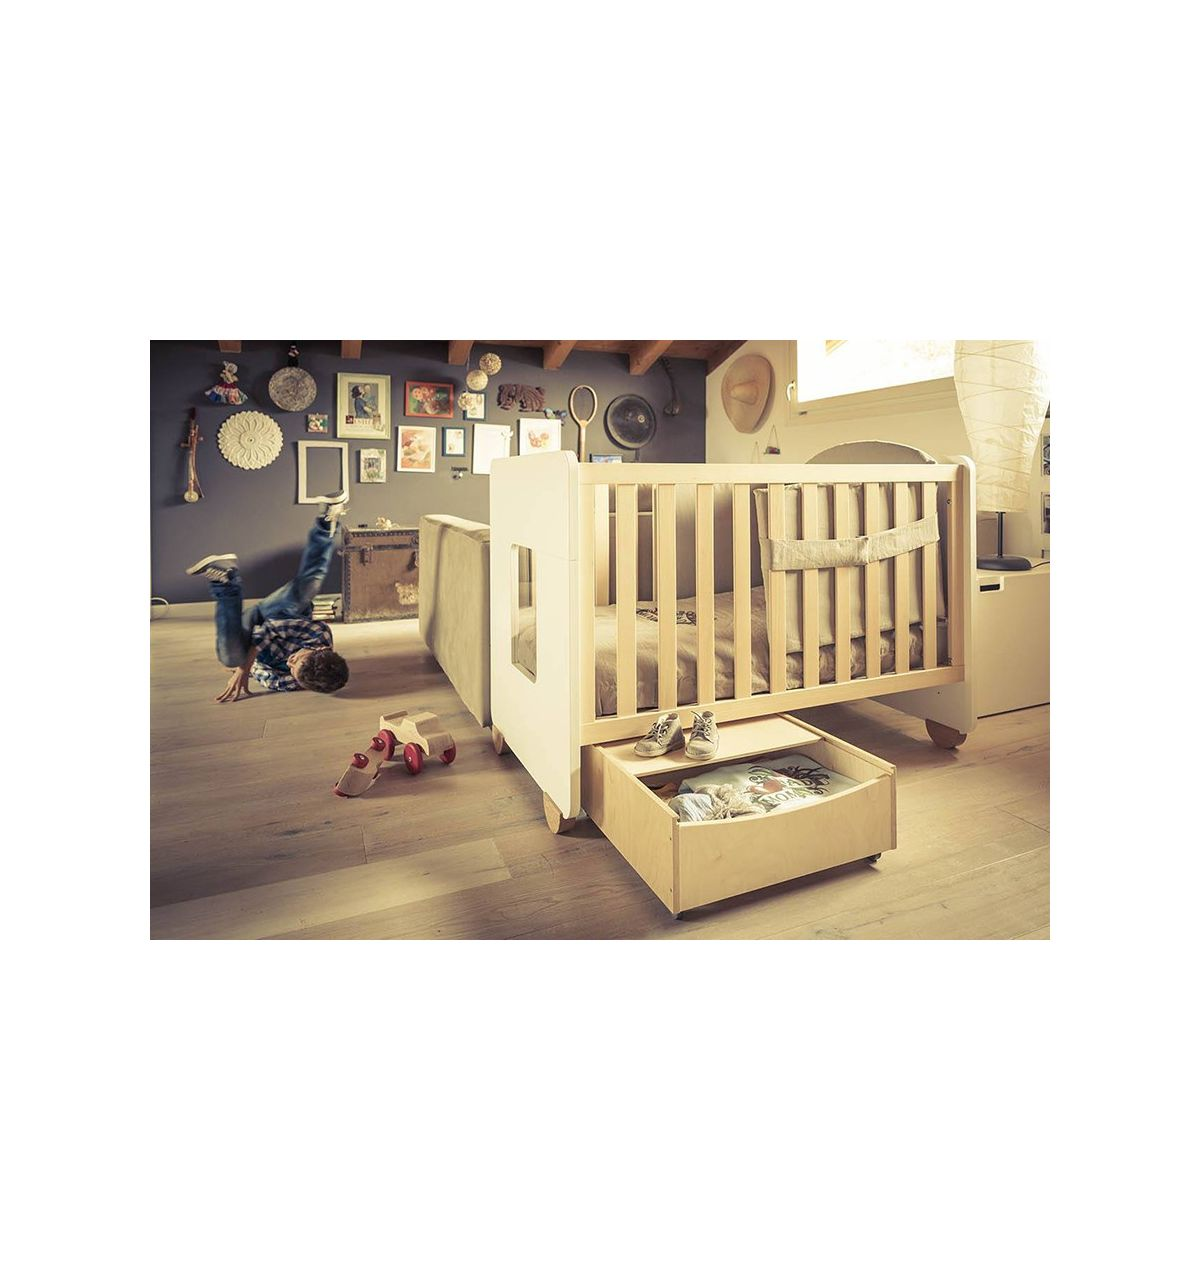 Hugs factory cassettone scatola sottoletto in legno - Contenitore sottoletto ...